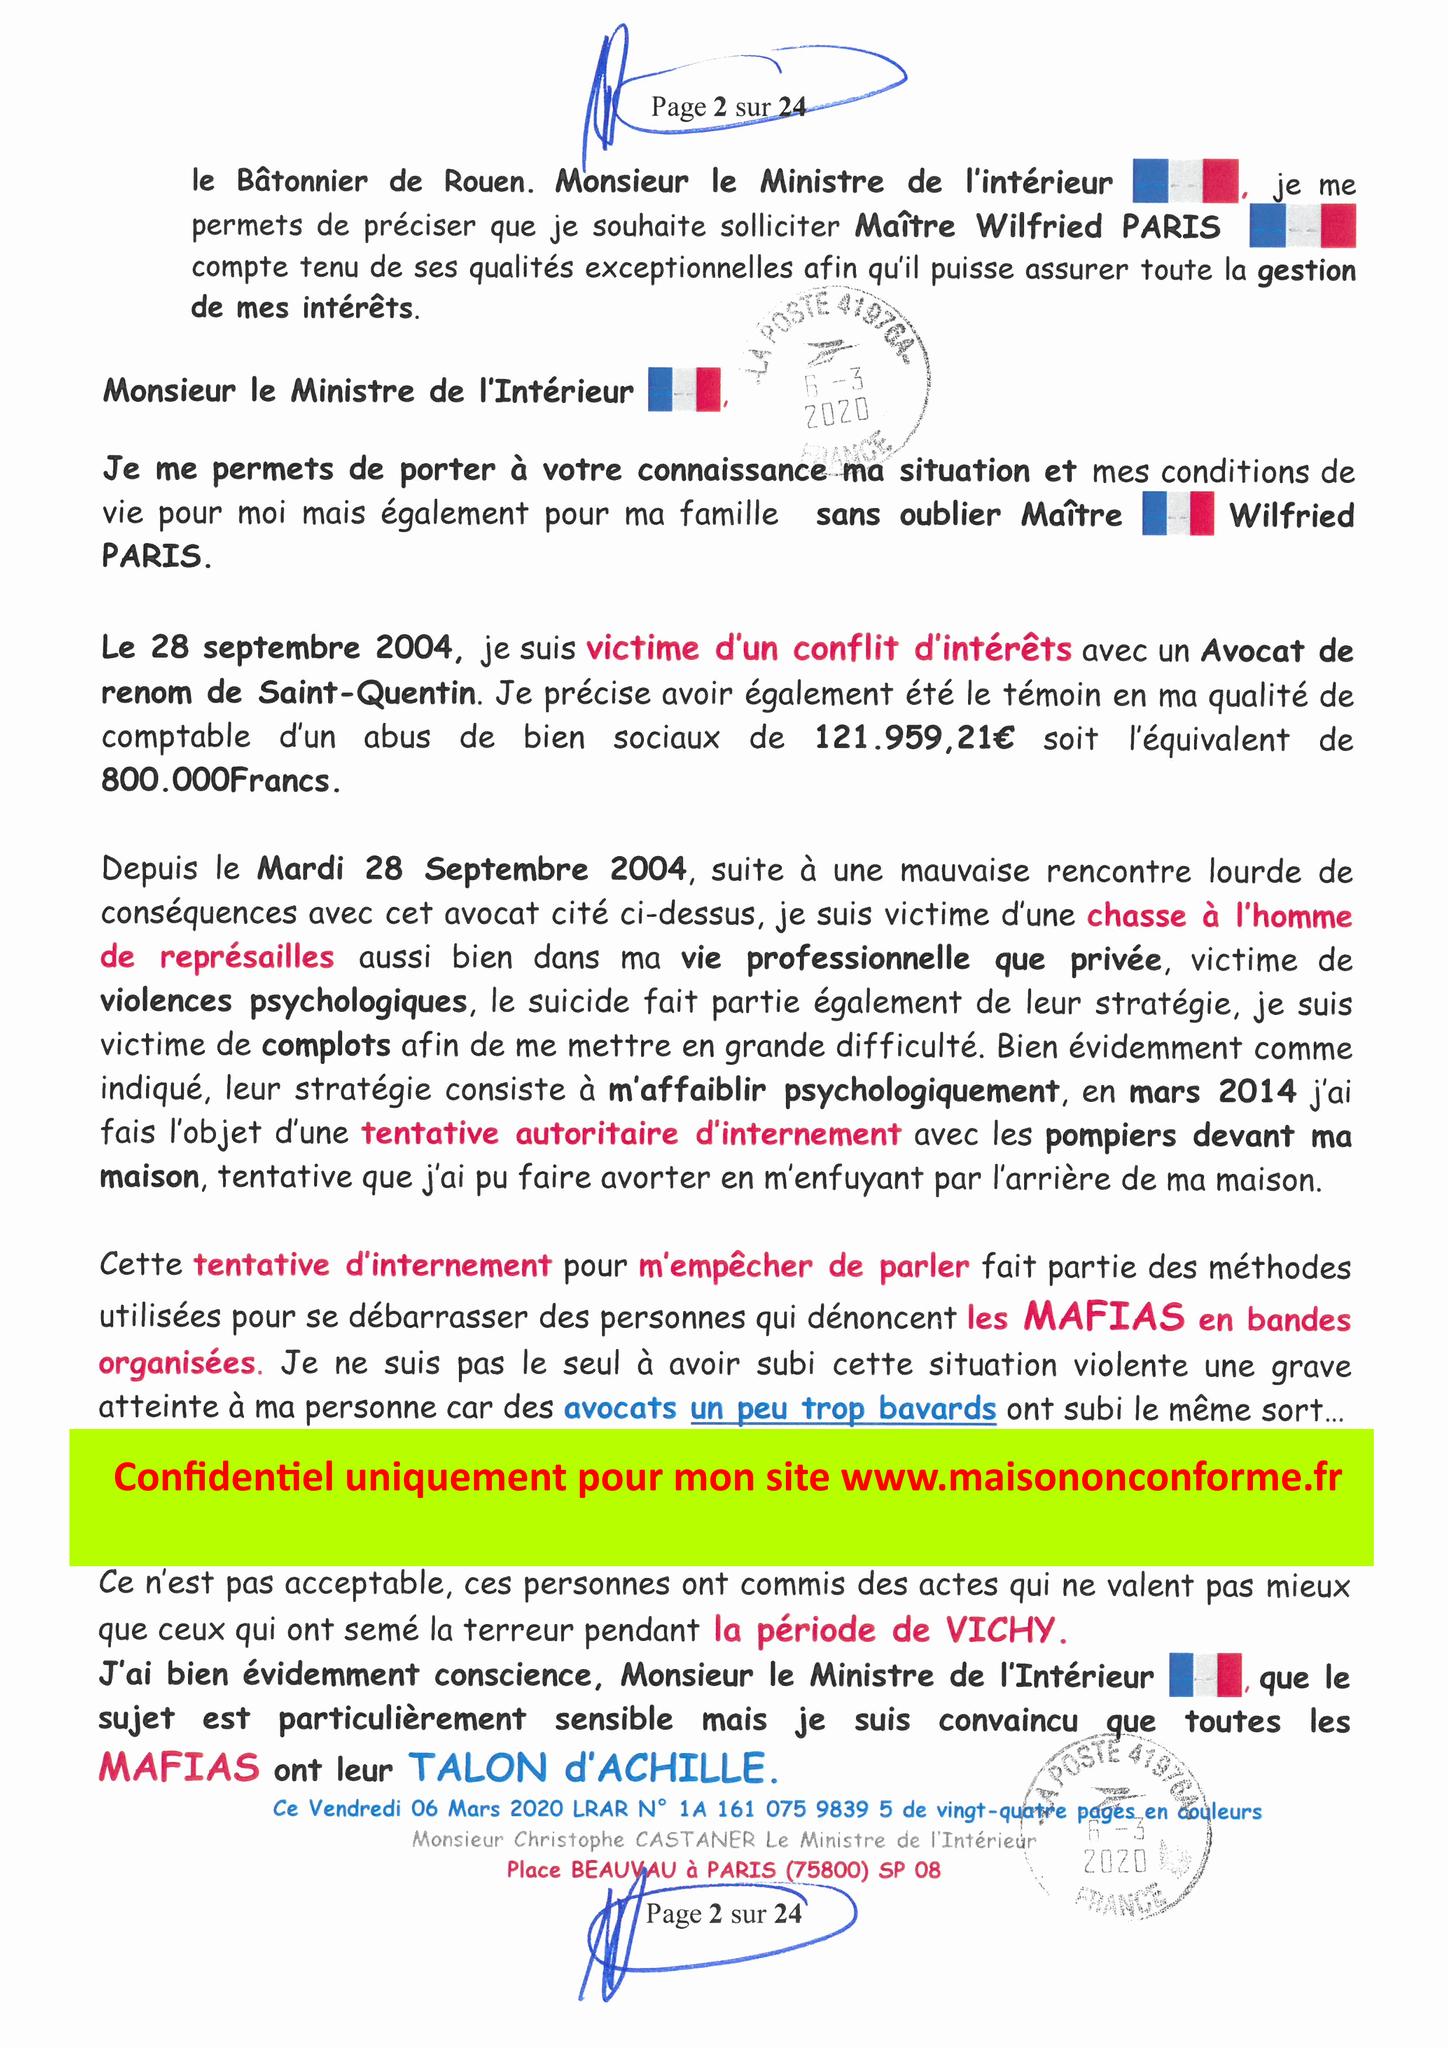 Ma LRAR à Monsieur le Ministre de l'Intérieur Christophe CASTANER N°1A 161 075 9839 5  Page 2 sur 24 en couleur du 06 Mars 2020  www.jesuispatrick.fr